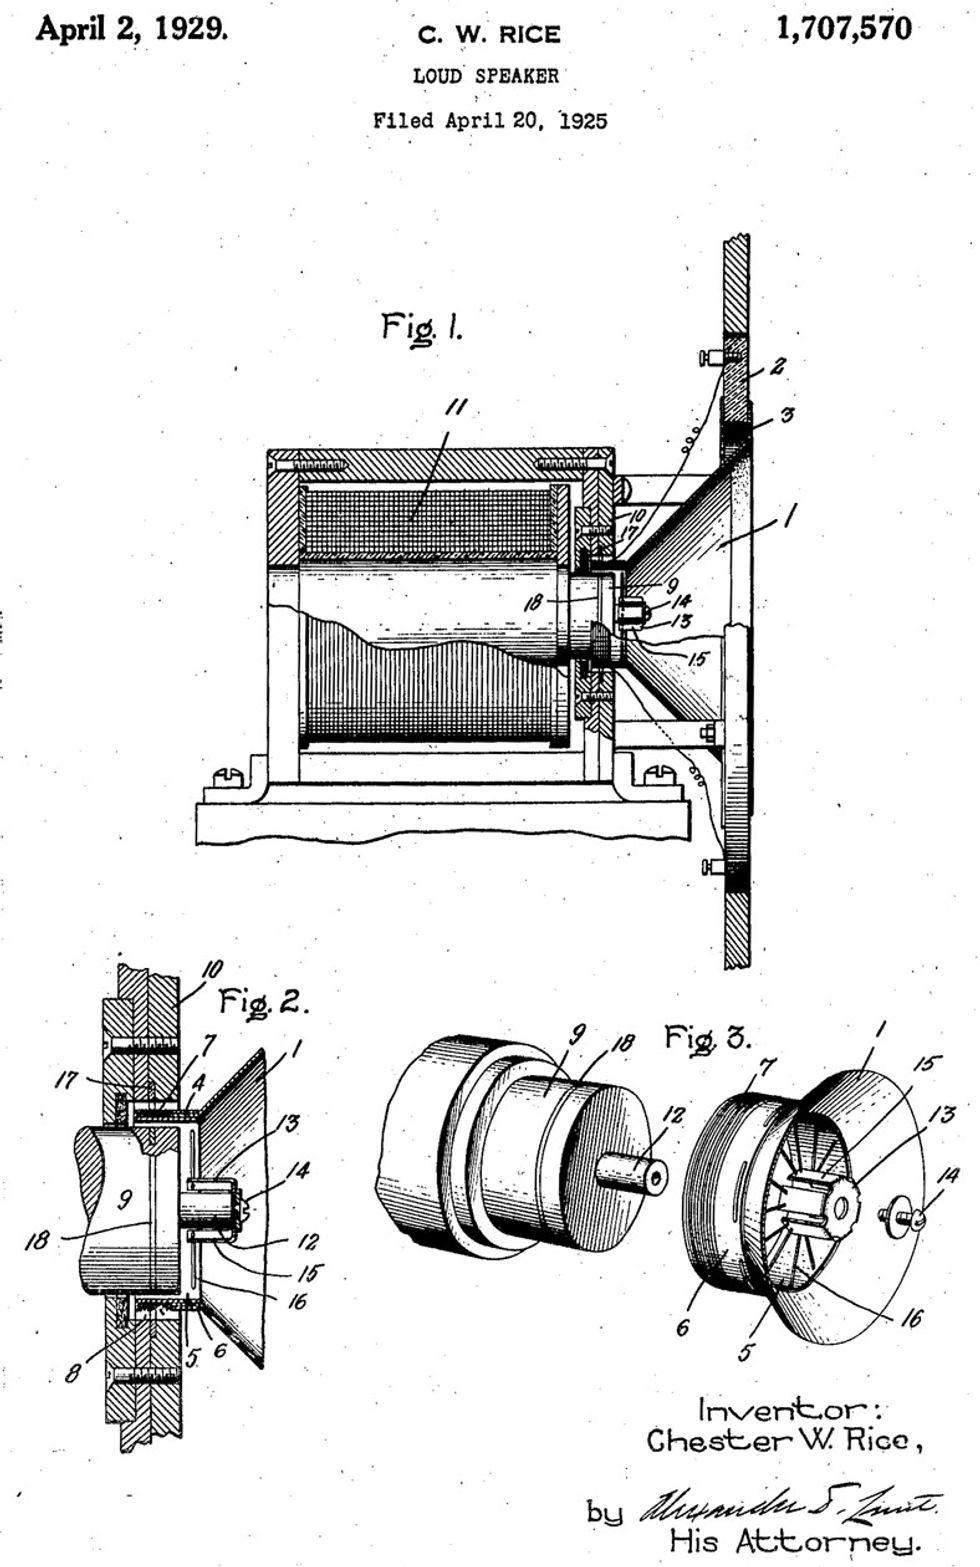 Quem disse que os cabos não fazem diferença' - Página 5 CWRice-speaker-patent-US1707570-0_WEB